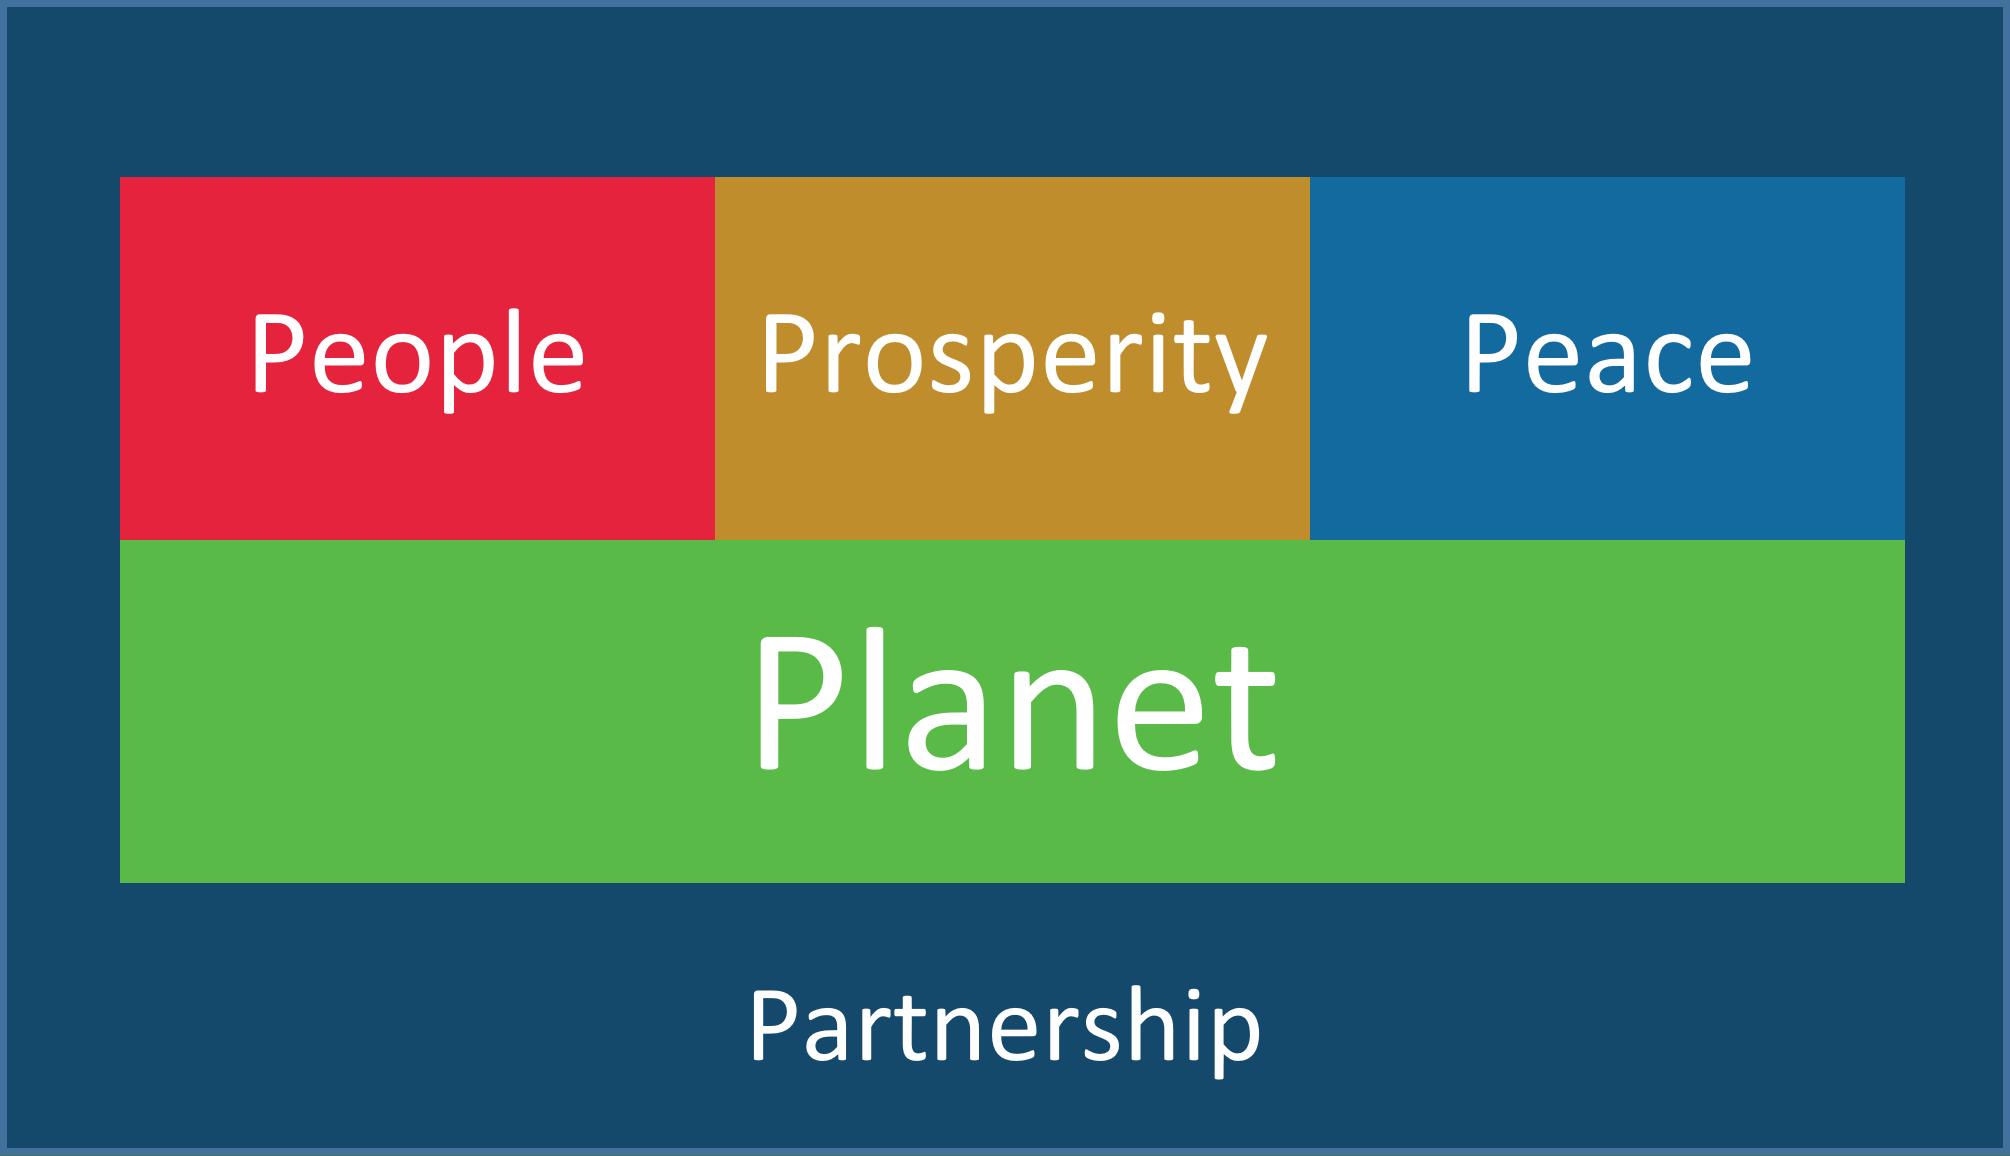 UN SDG Themes no detail